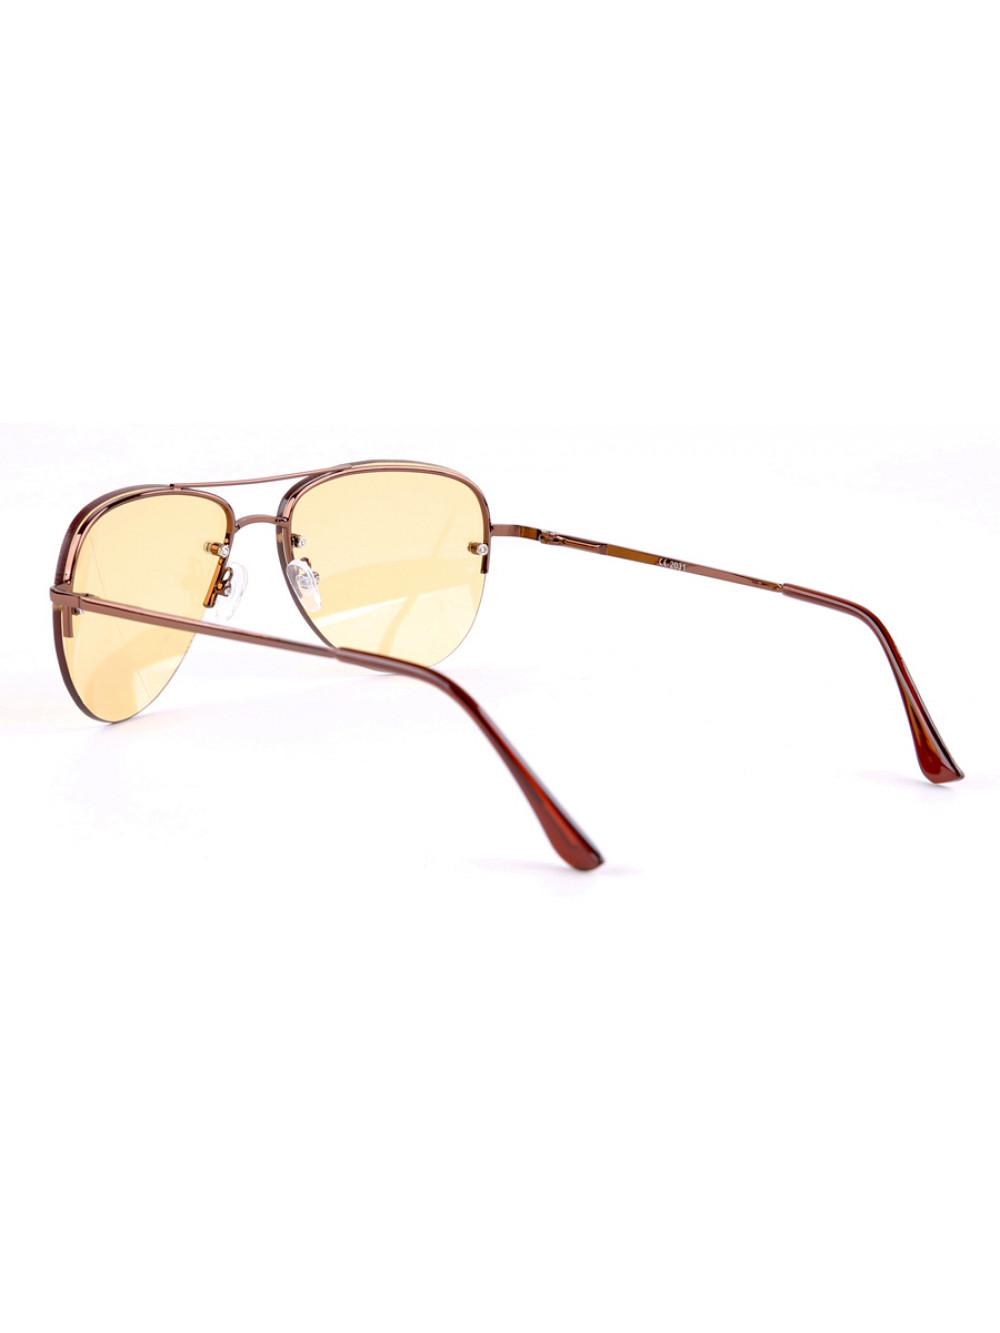 33656afef Slnečné okuliare Pilotky Aviator Pilot Night Vision žlté sklá hnedý ...